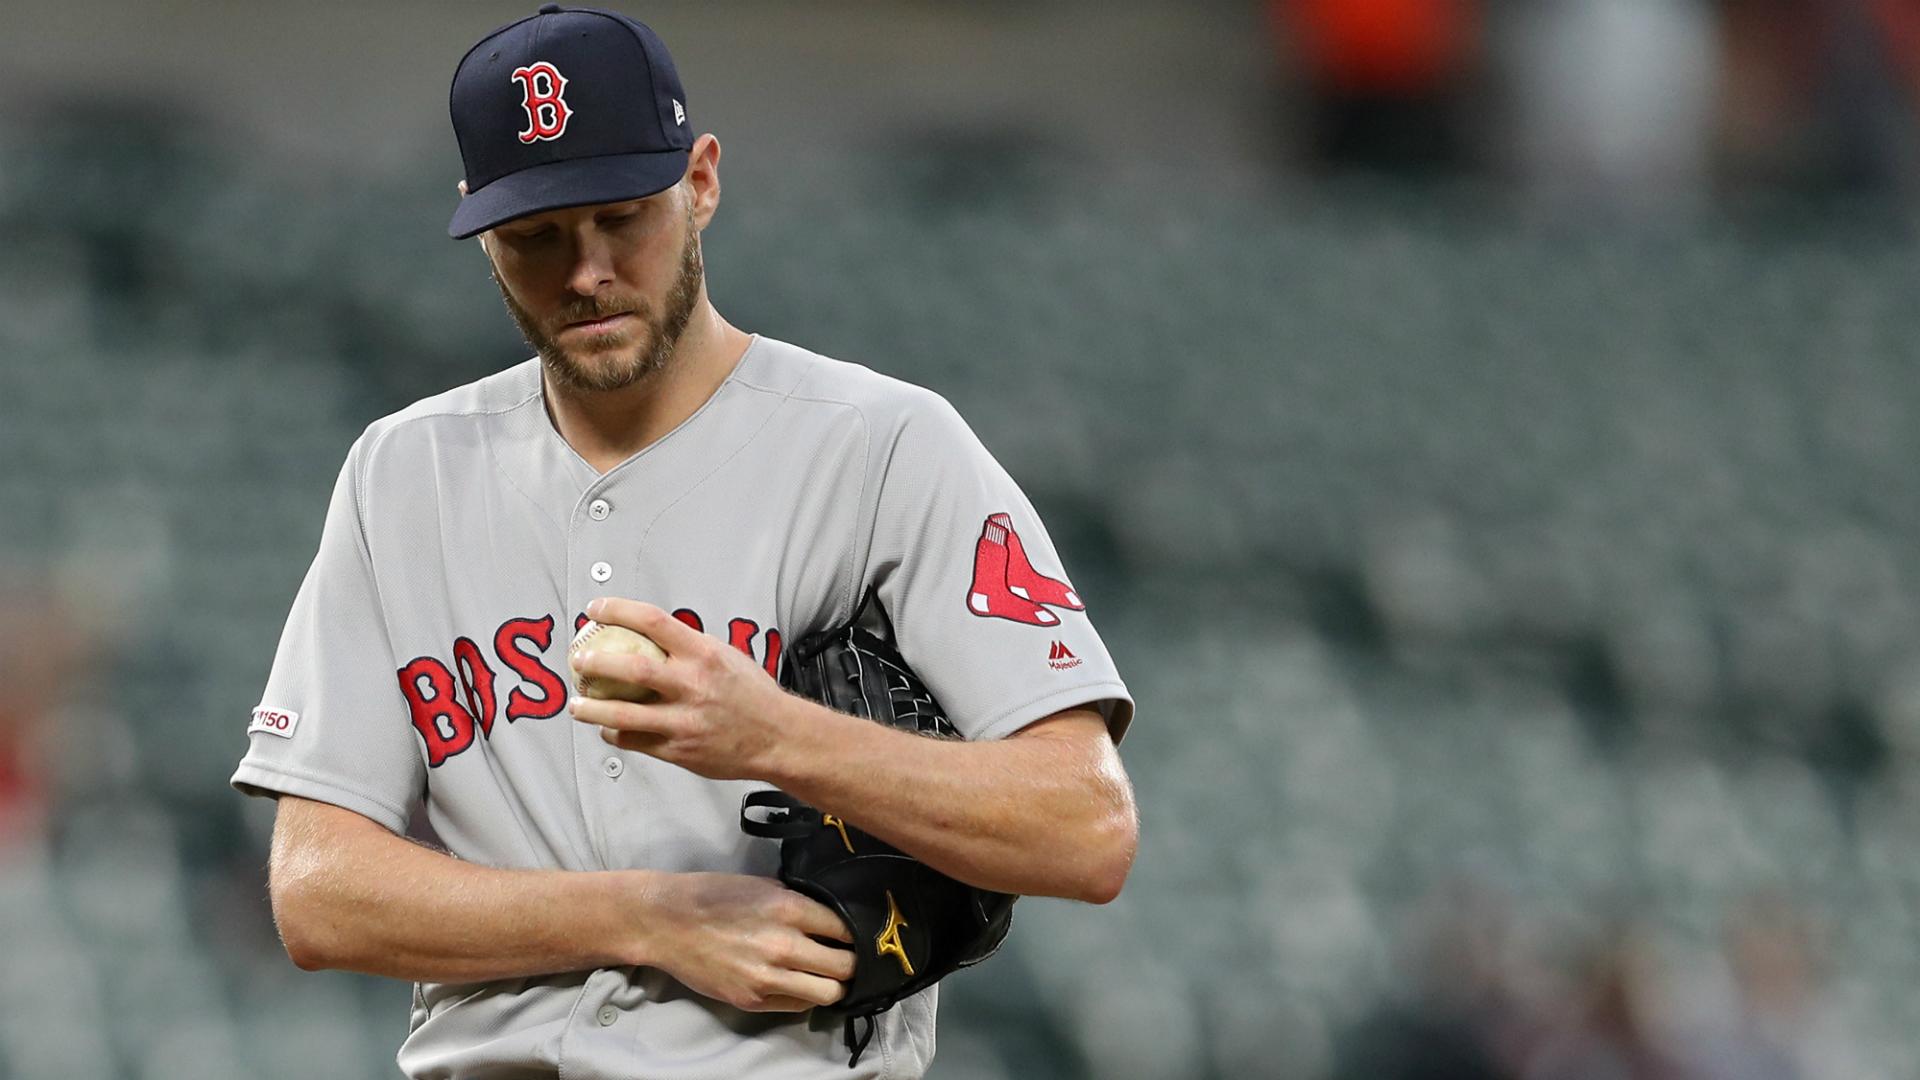 ¿Cuánto tiempo está Chris Sale? Cronología de la lesión, fecha de regreso, últimas actualizaciones en el as de los Red Sox 53